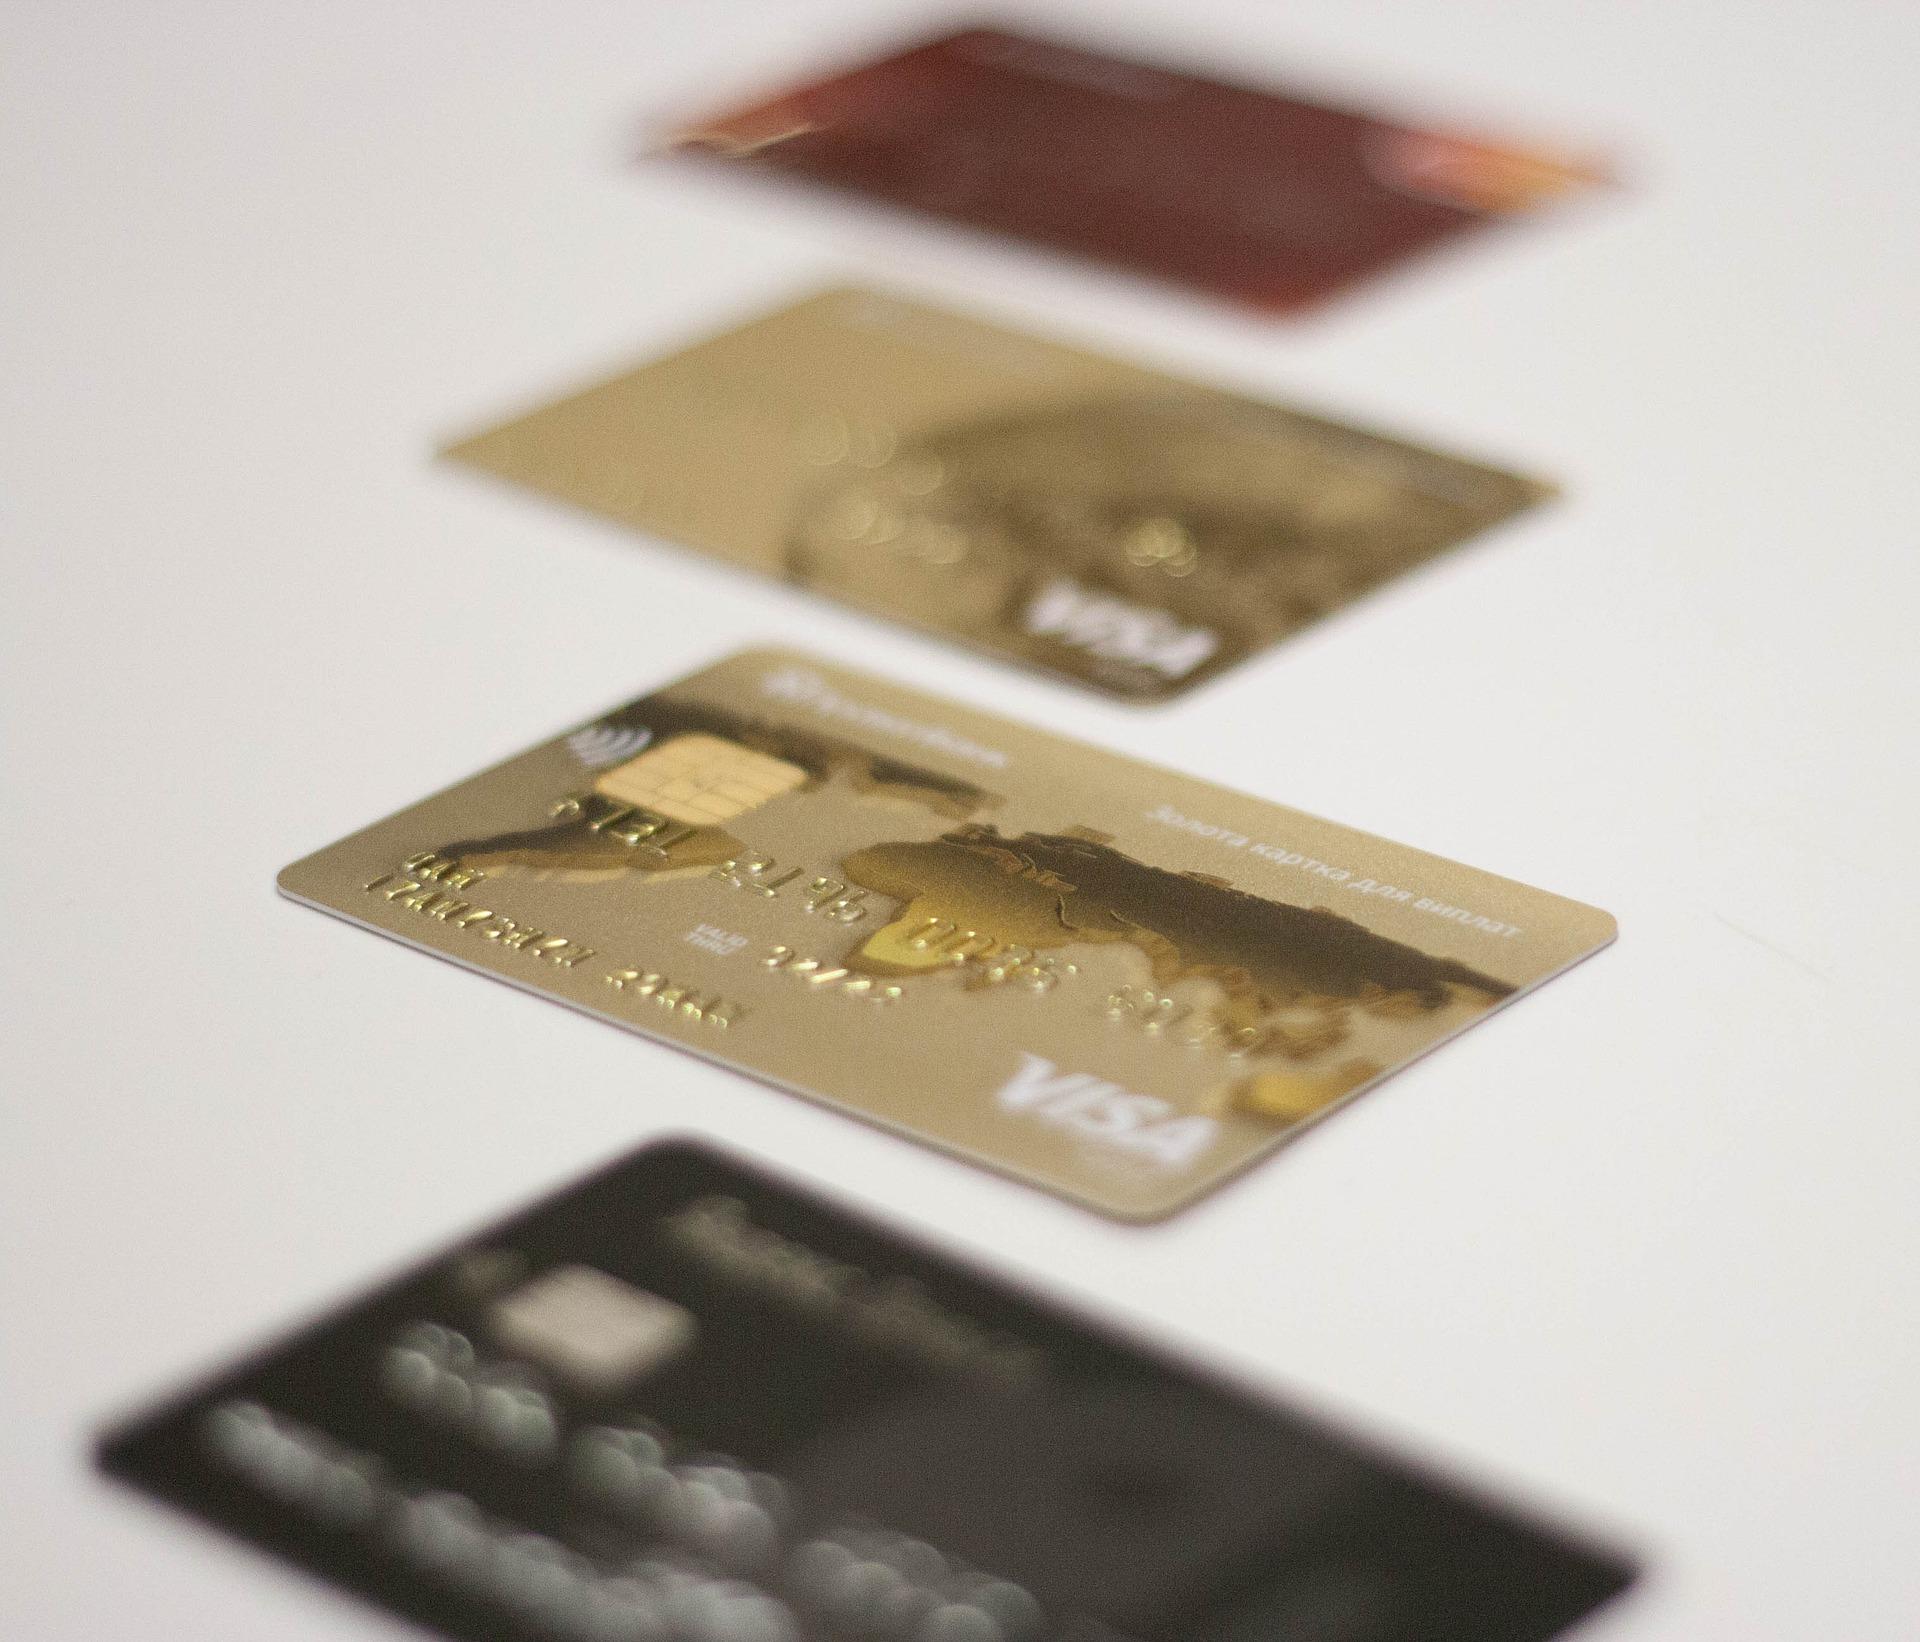 Les Cartes de Crédit de la Société Générale - Les Choix et Comment Souscrire